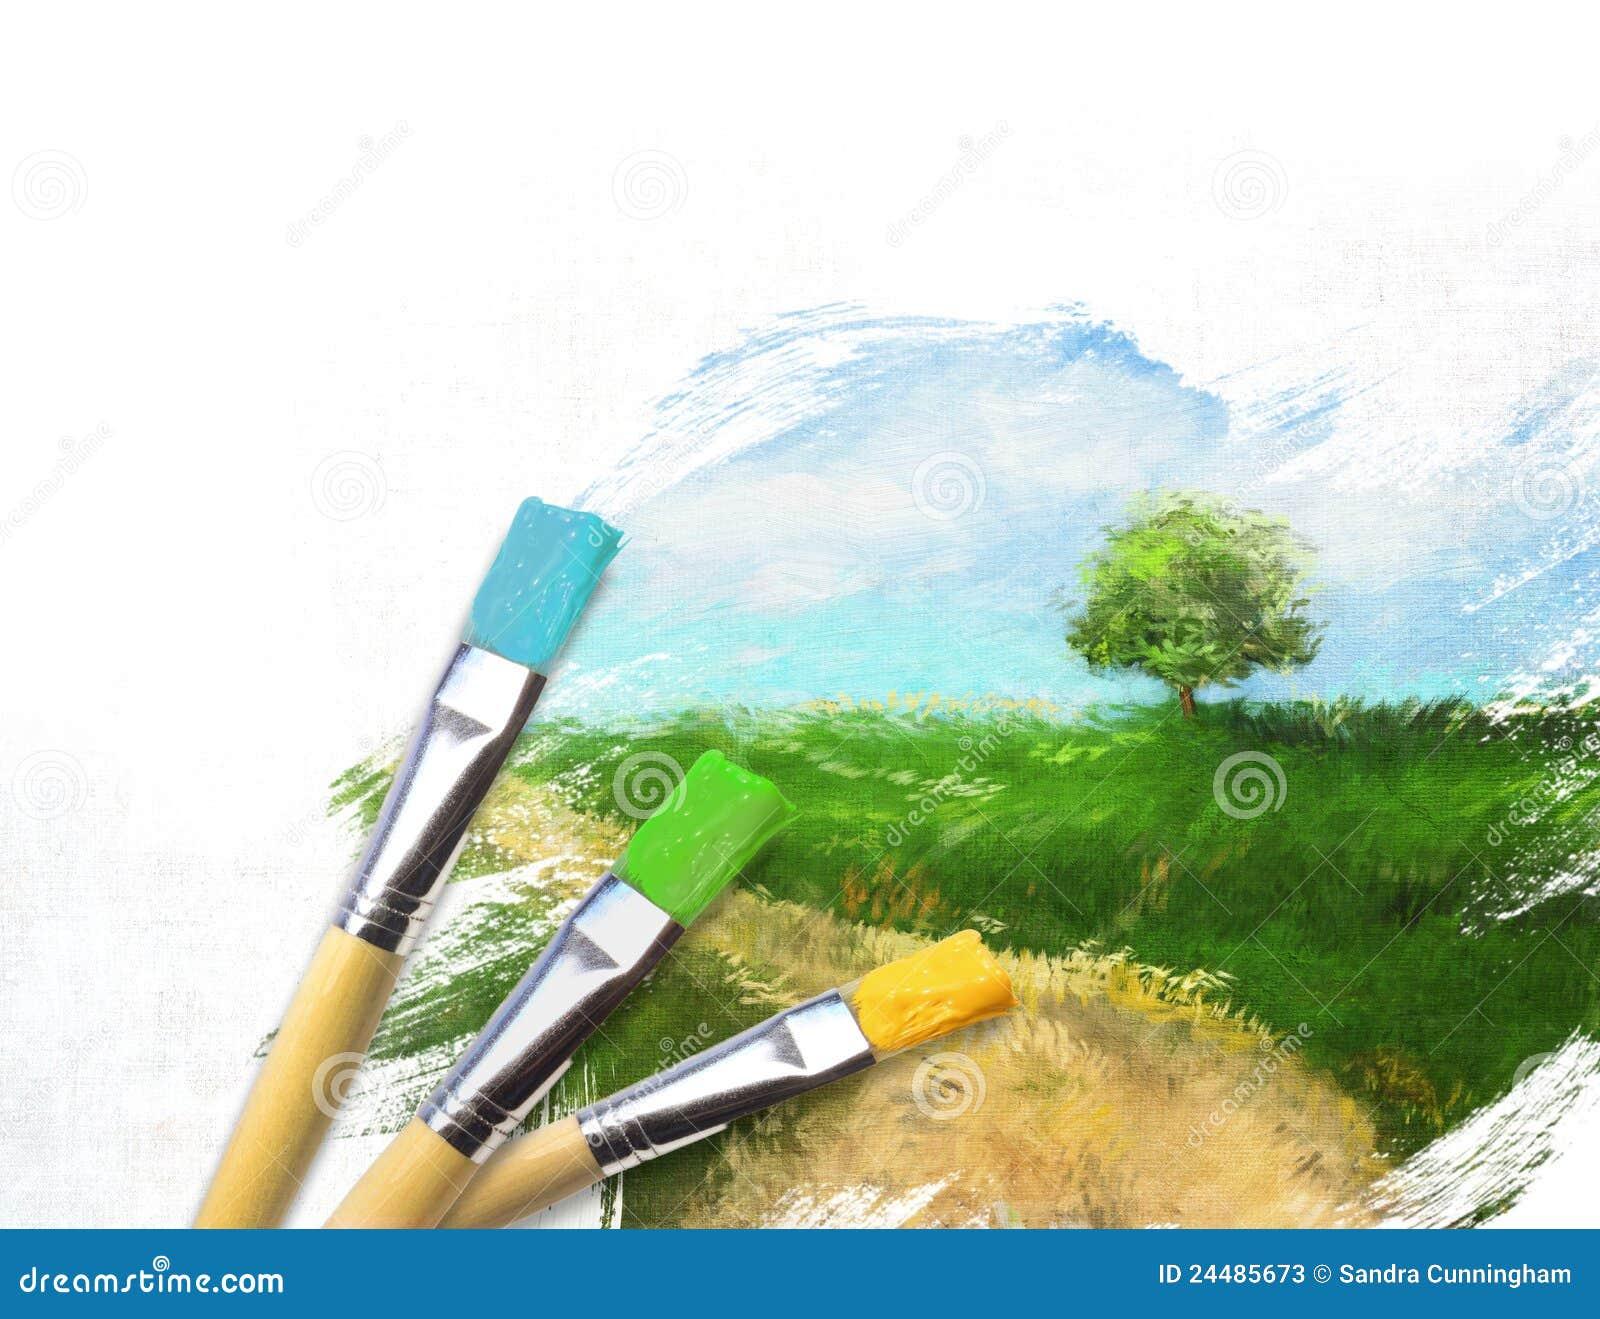 De borstels van de kunstenaar met een half gebeëindigd geschilderd canvas